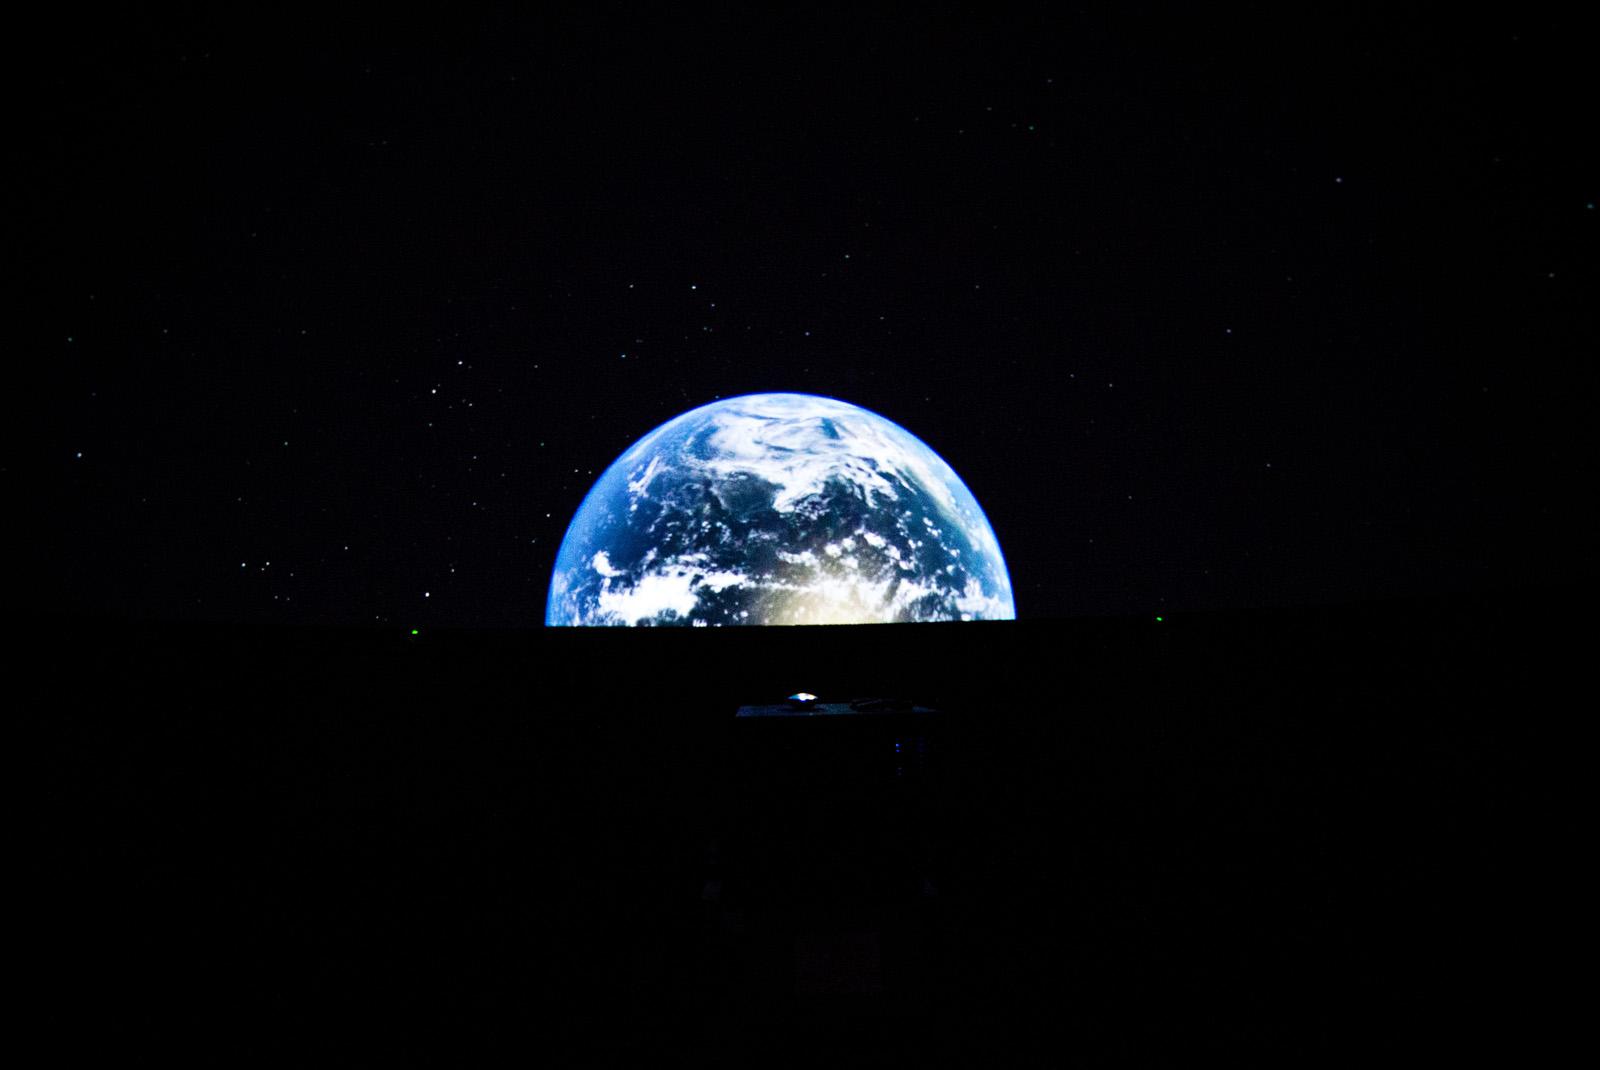 csillagpark-pic-02